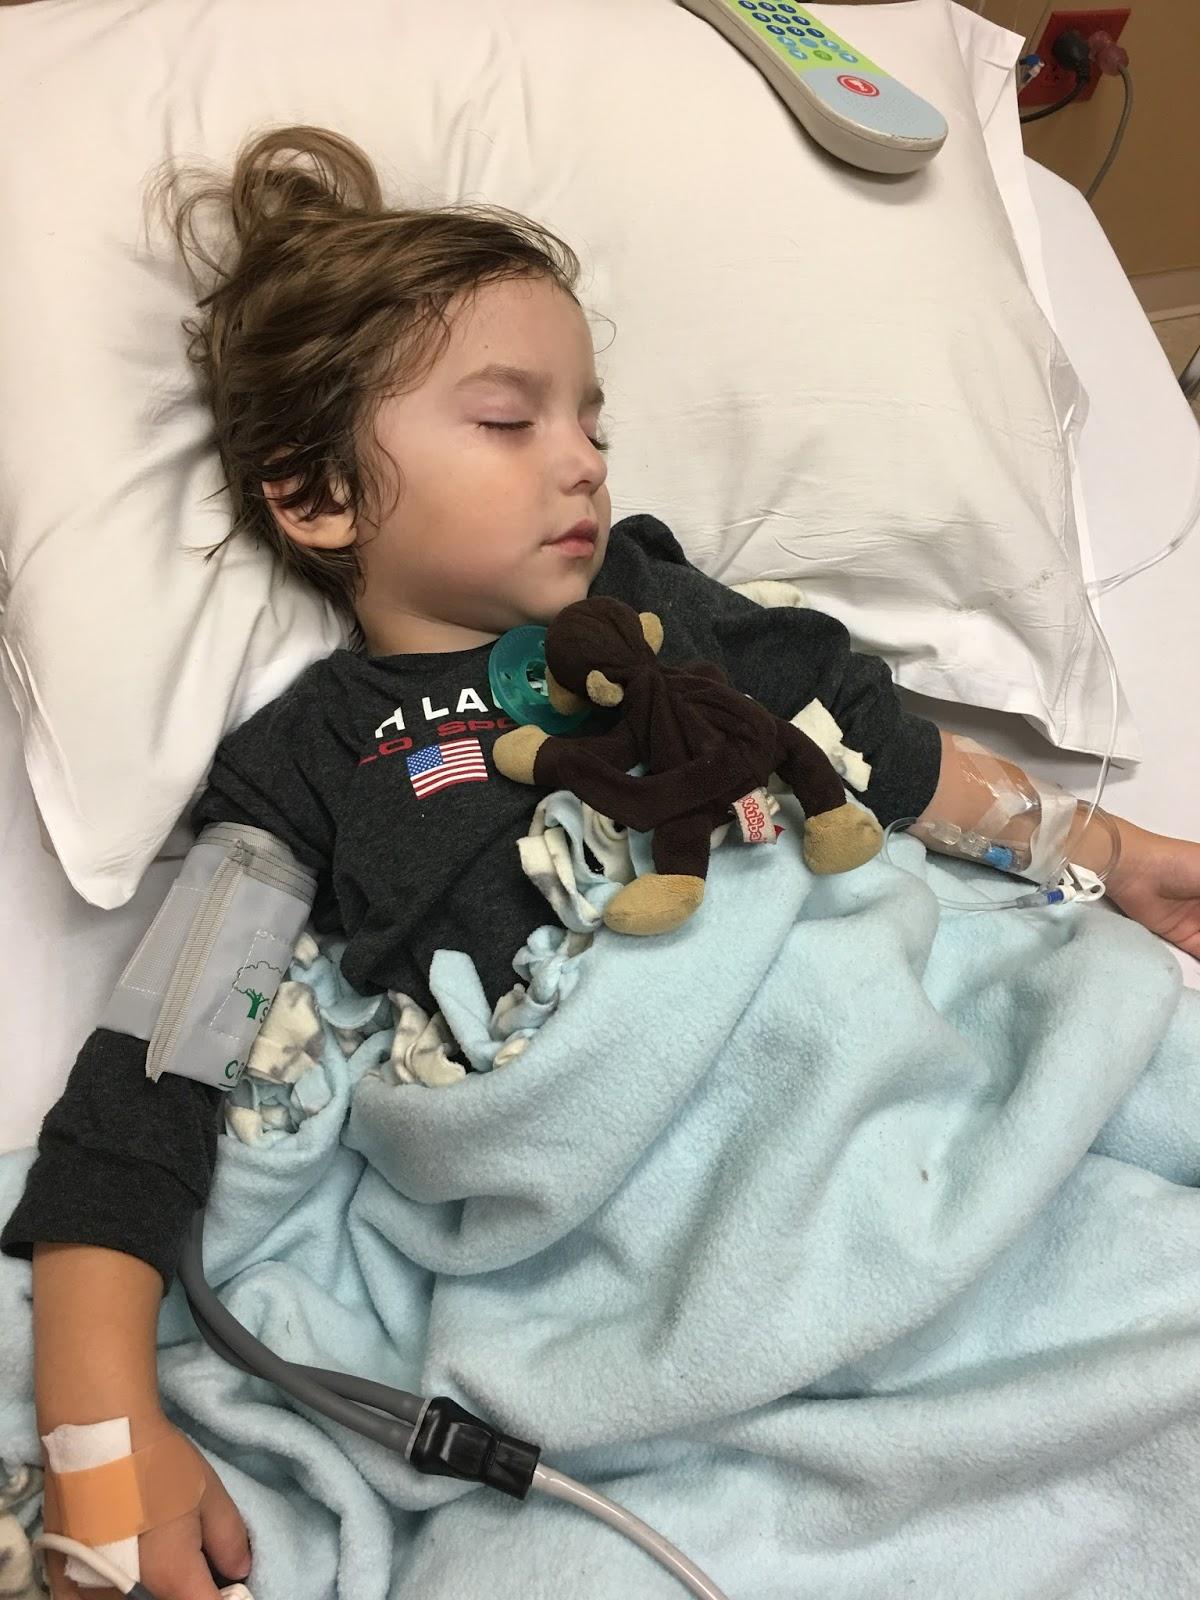 little boy in hospital bed